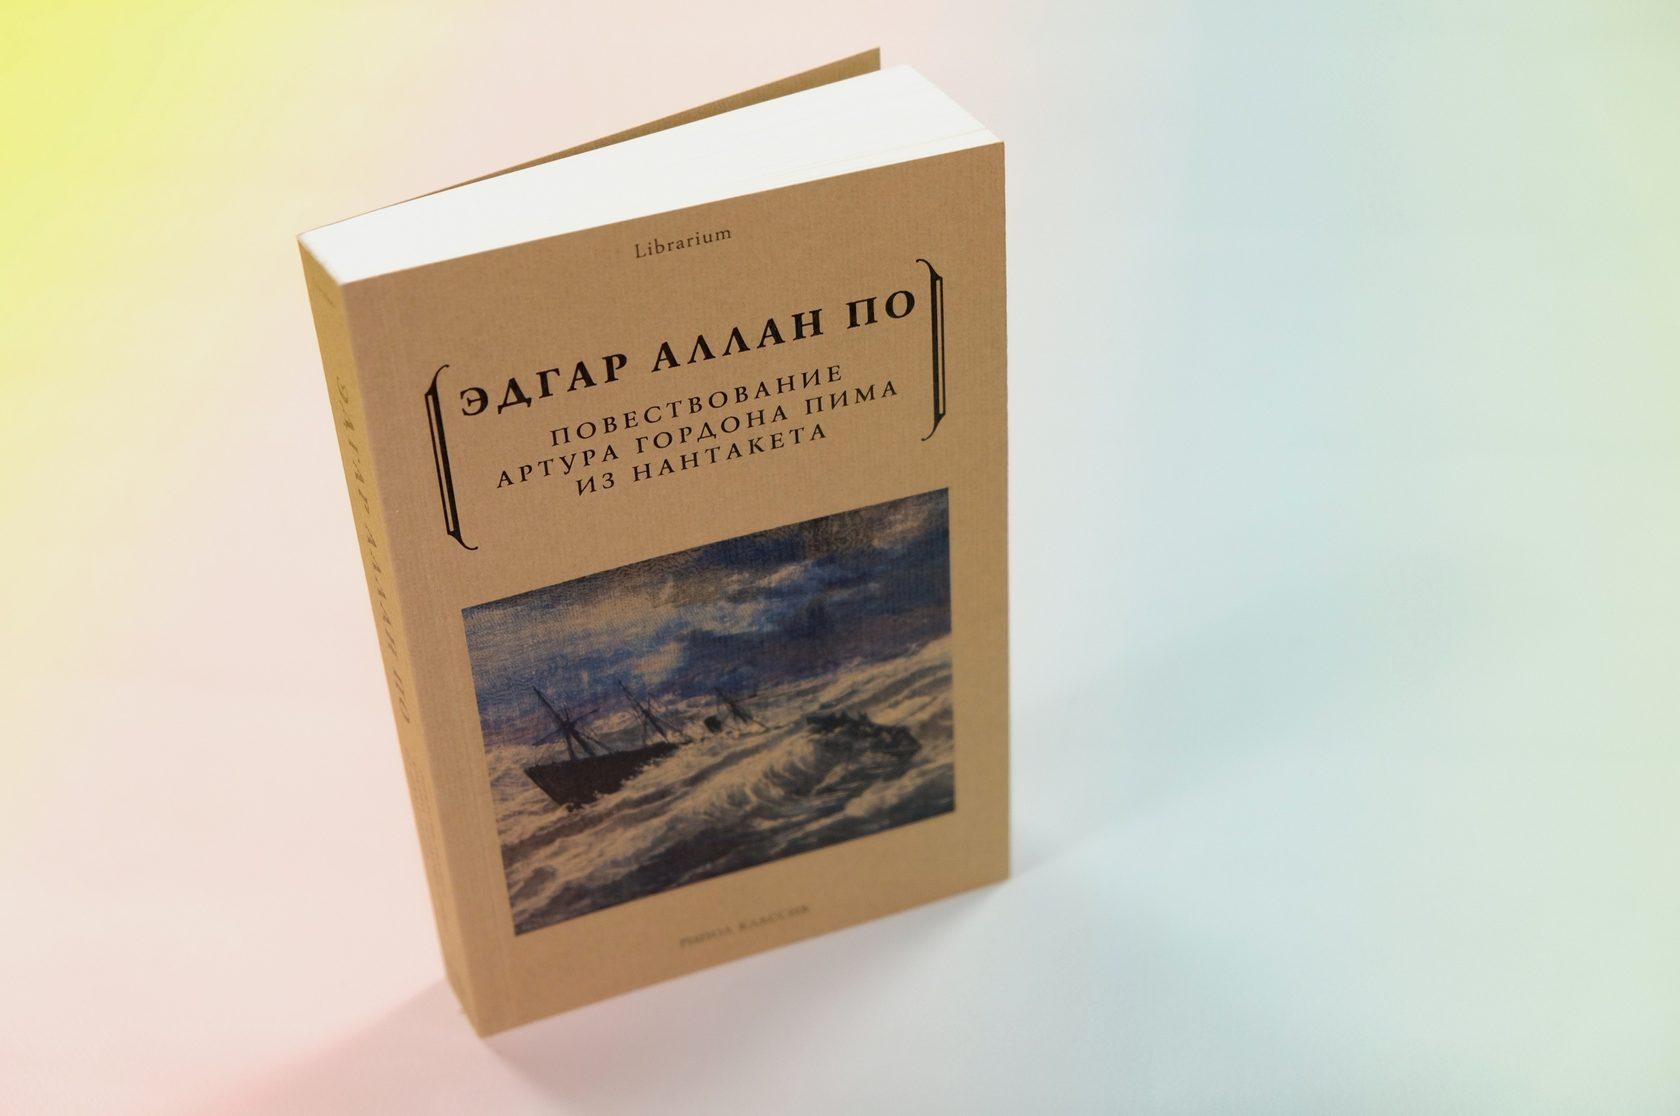 Эдгар Аллан По «Повествование Артура Гордона Пима из Нантакета»